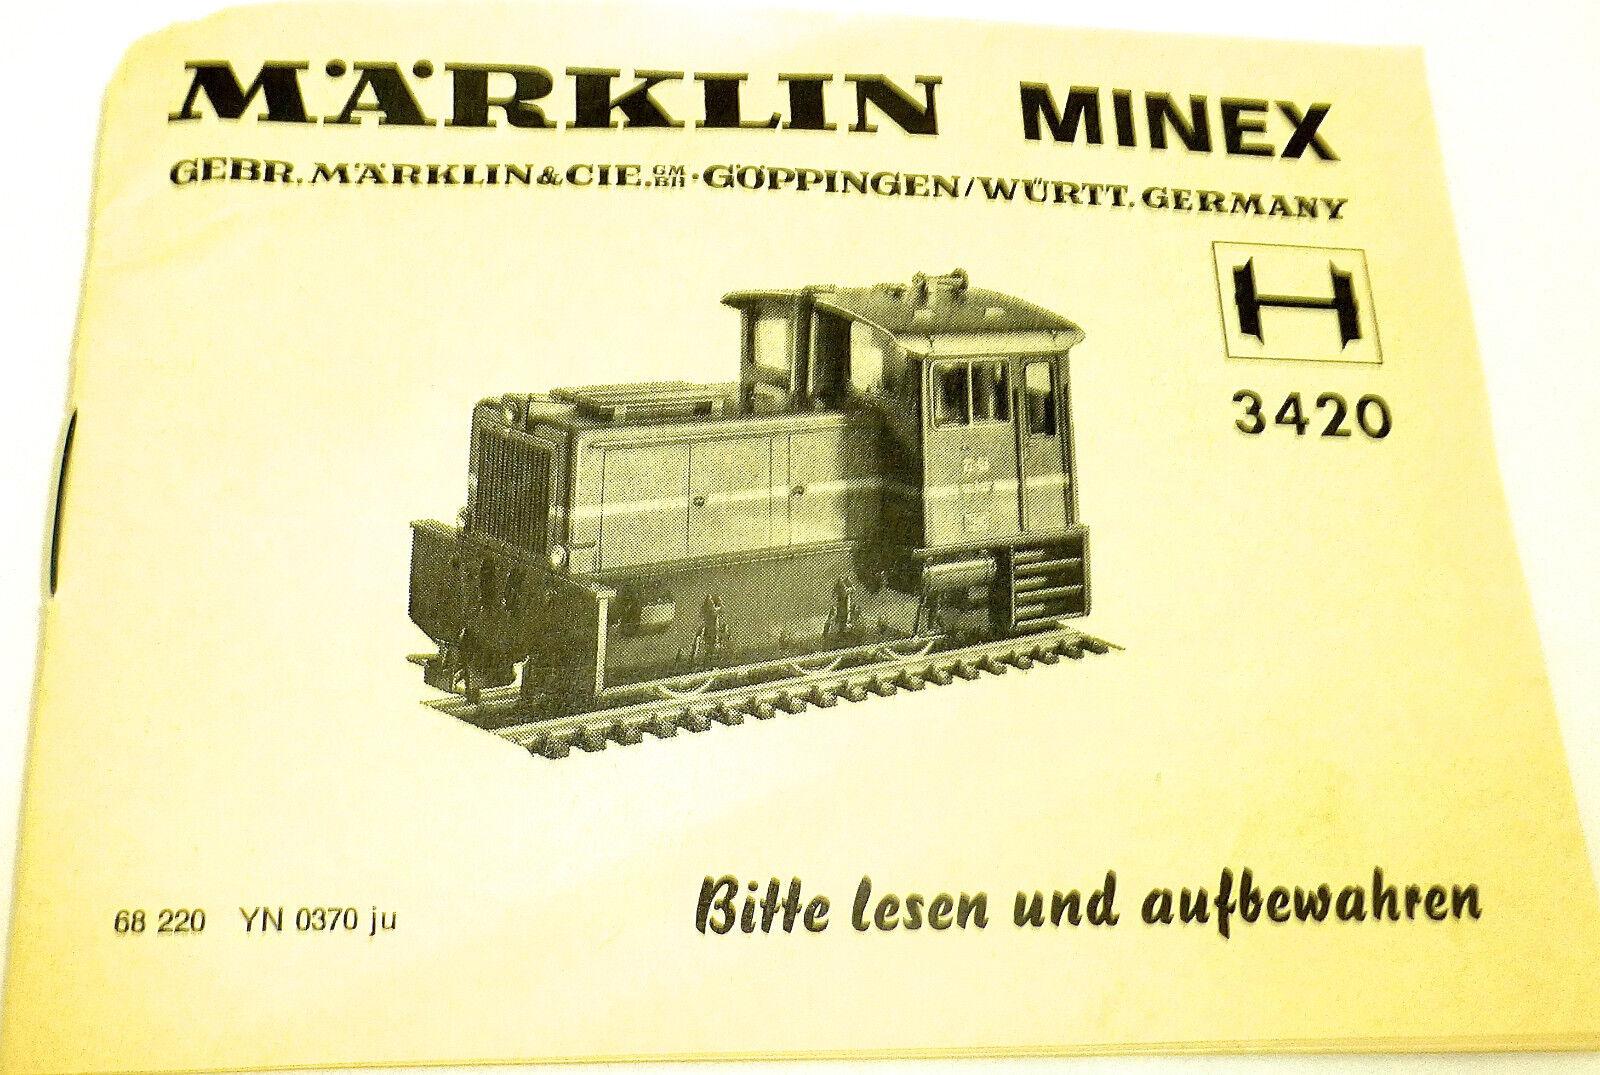 3420 Manual Märklin Minex 68 220 YN 0370 Ju Å